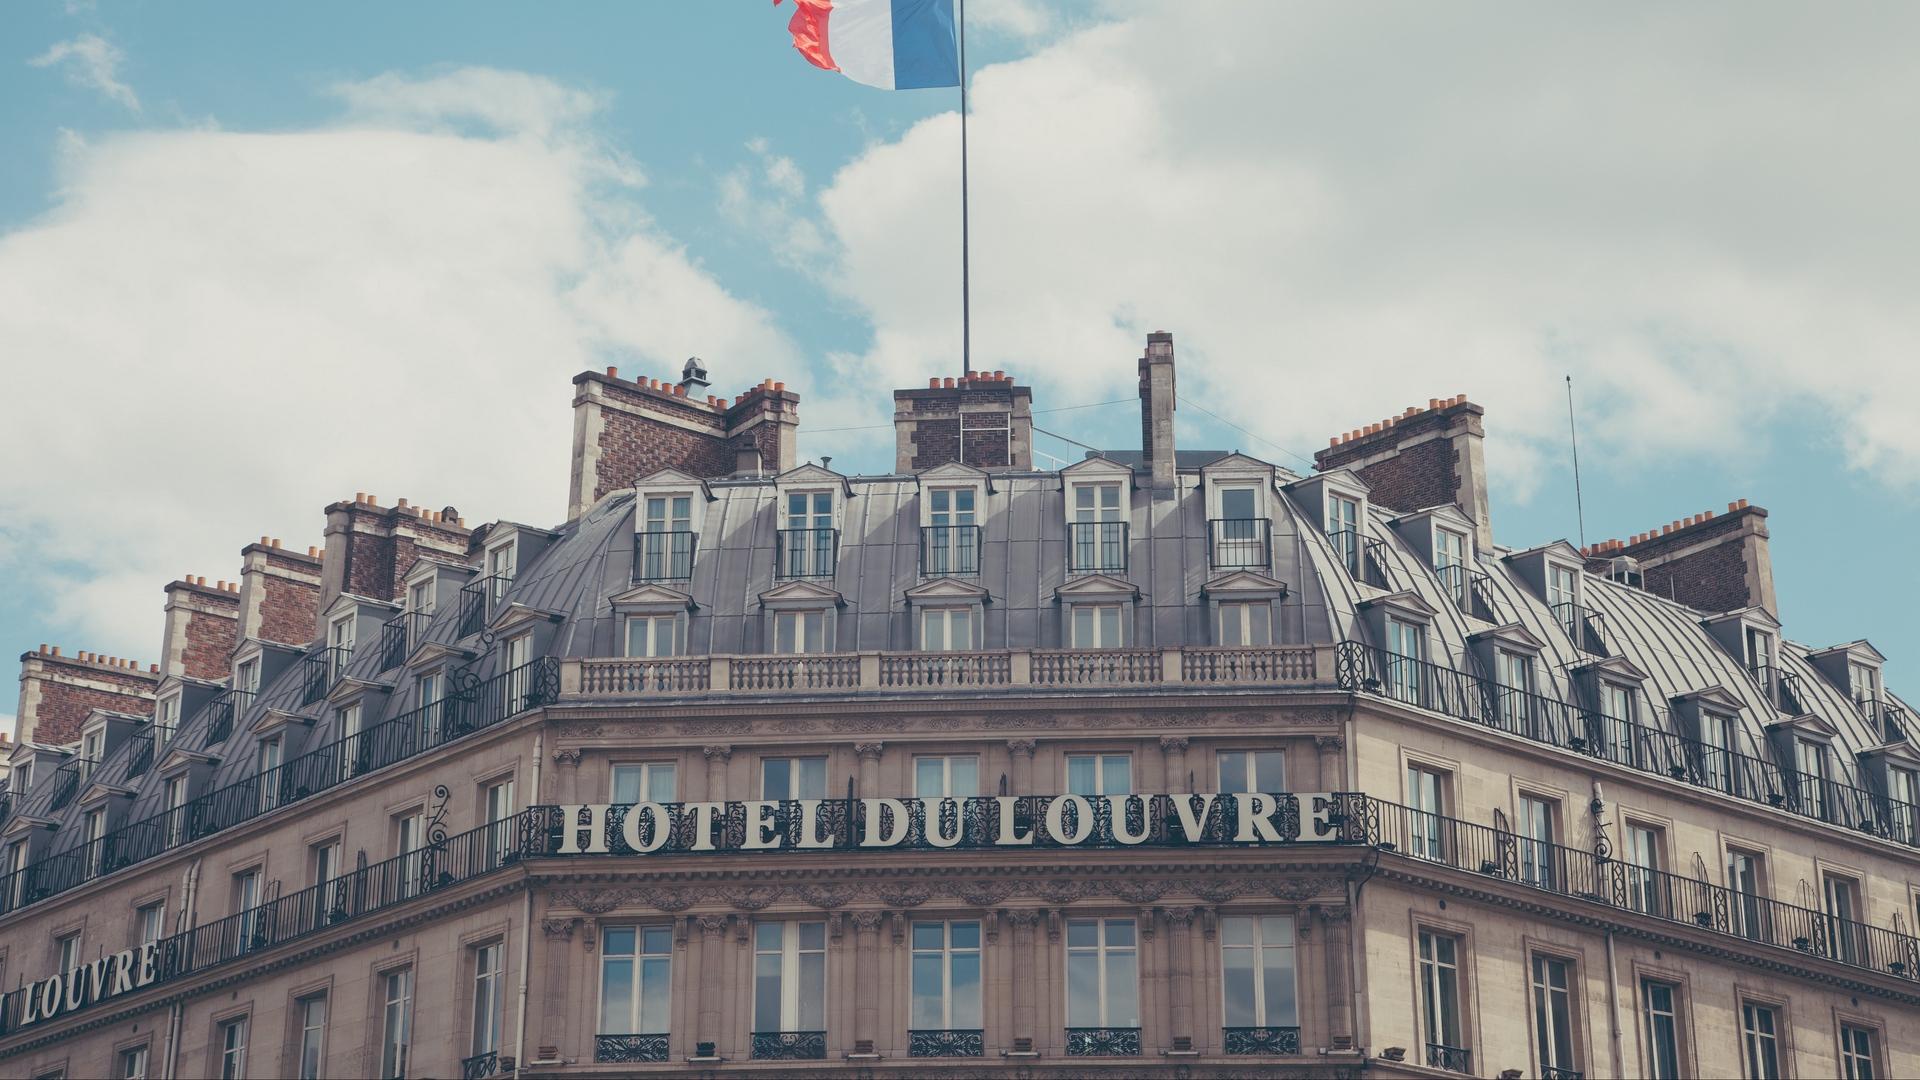 Download wallpaper 1920x1080 paris france hotel hotel du louvre 1920x1080